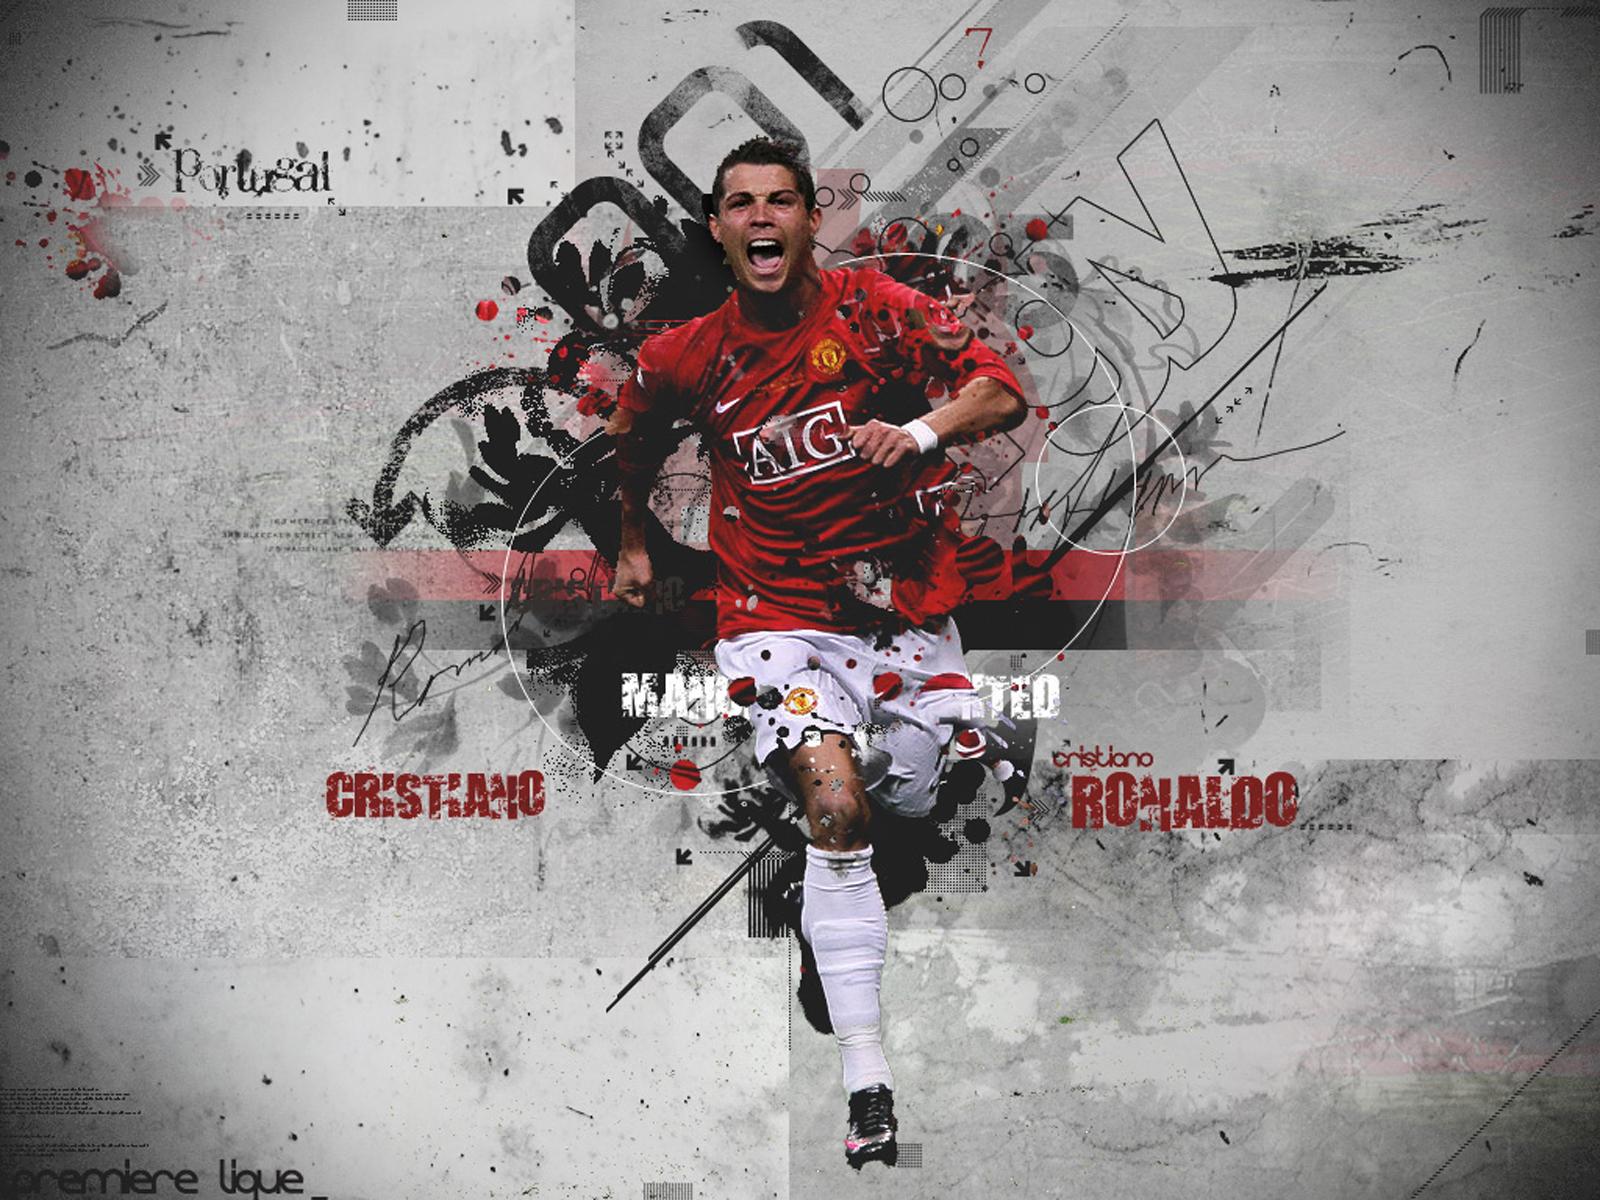 http://2.bp.blogspot.com/-VN36yBzGCvU/Tq618ZmXDiI/AAAAAAAAAwc/jT_rx4WfKdE/s1600/Cristiano+Ronaldo+Wallpapers.jpg